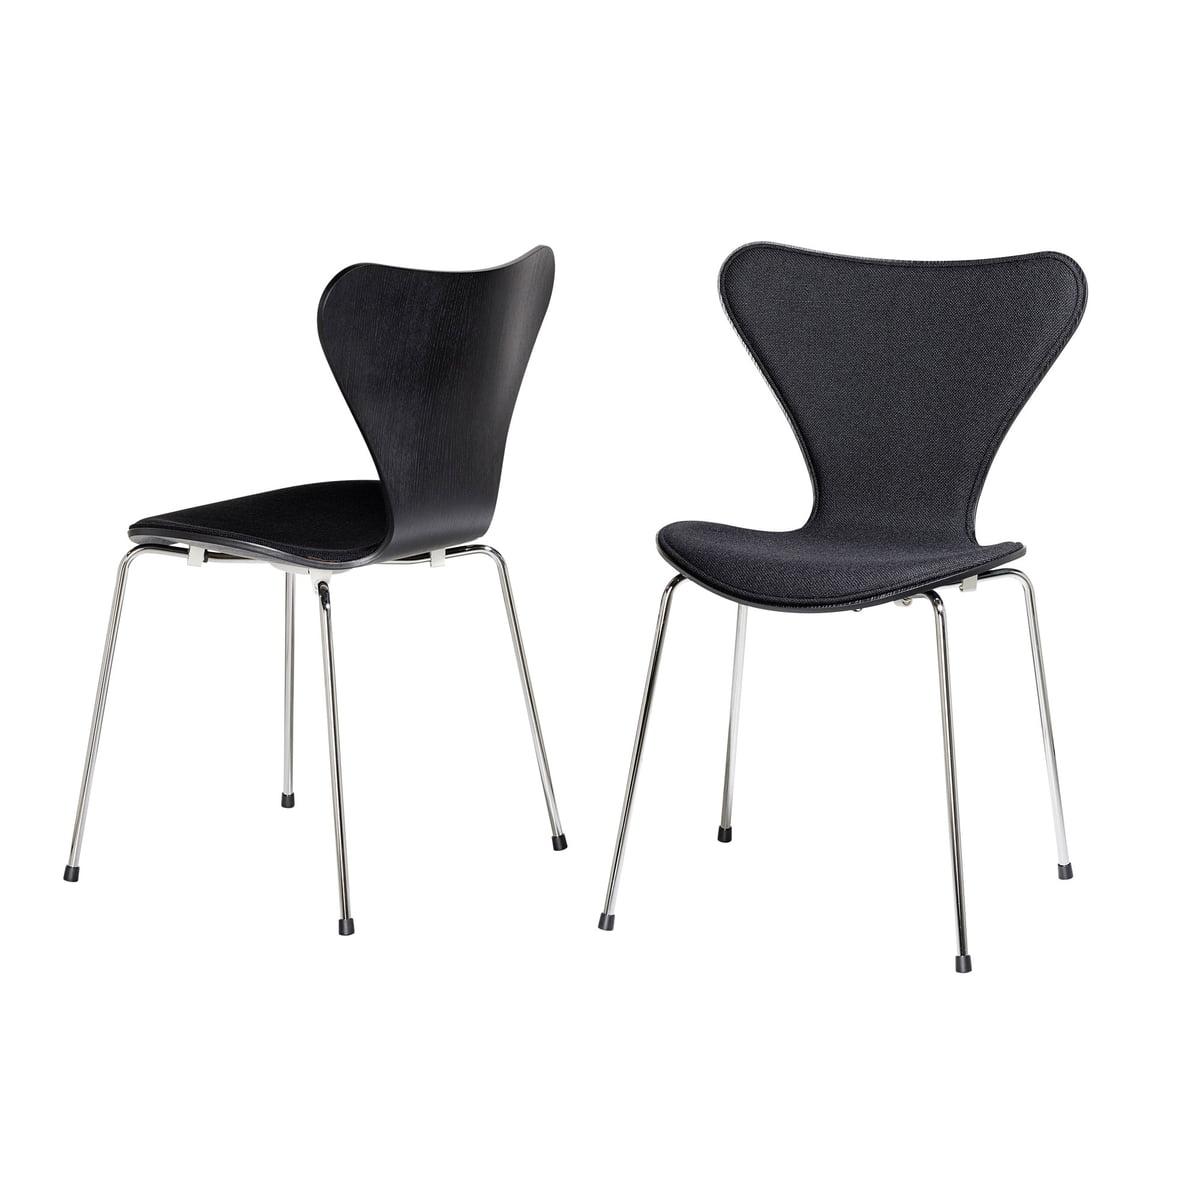 serie 7 stuhl mit kostenlosem frontpolster. Black Bedroom Furniture Sets. Home Design Ideas